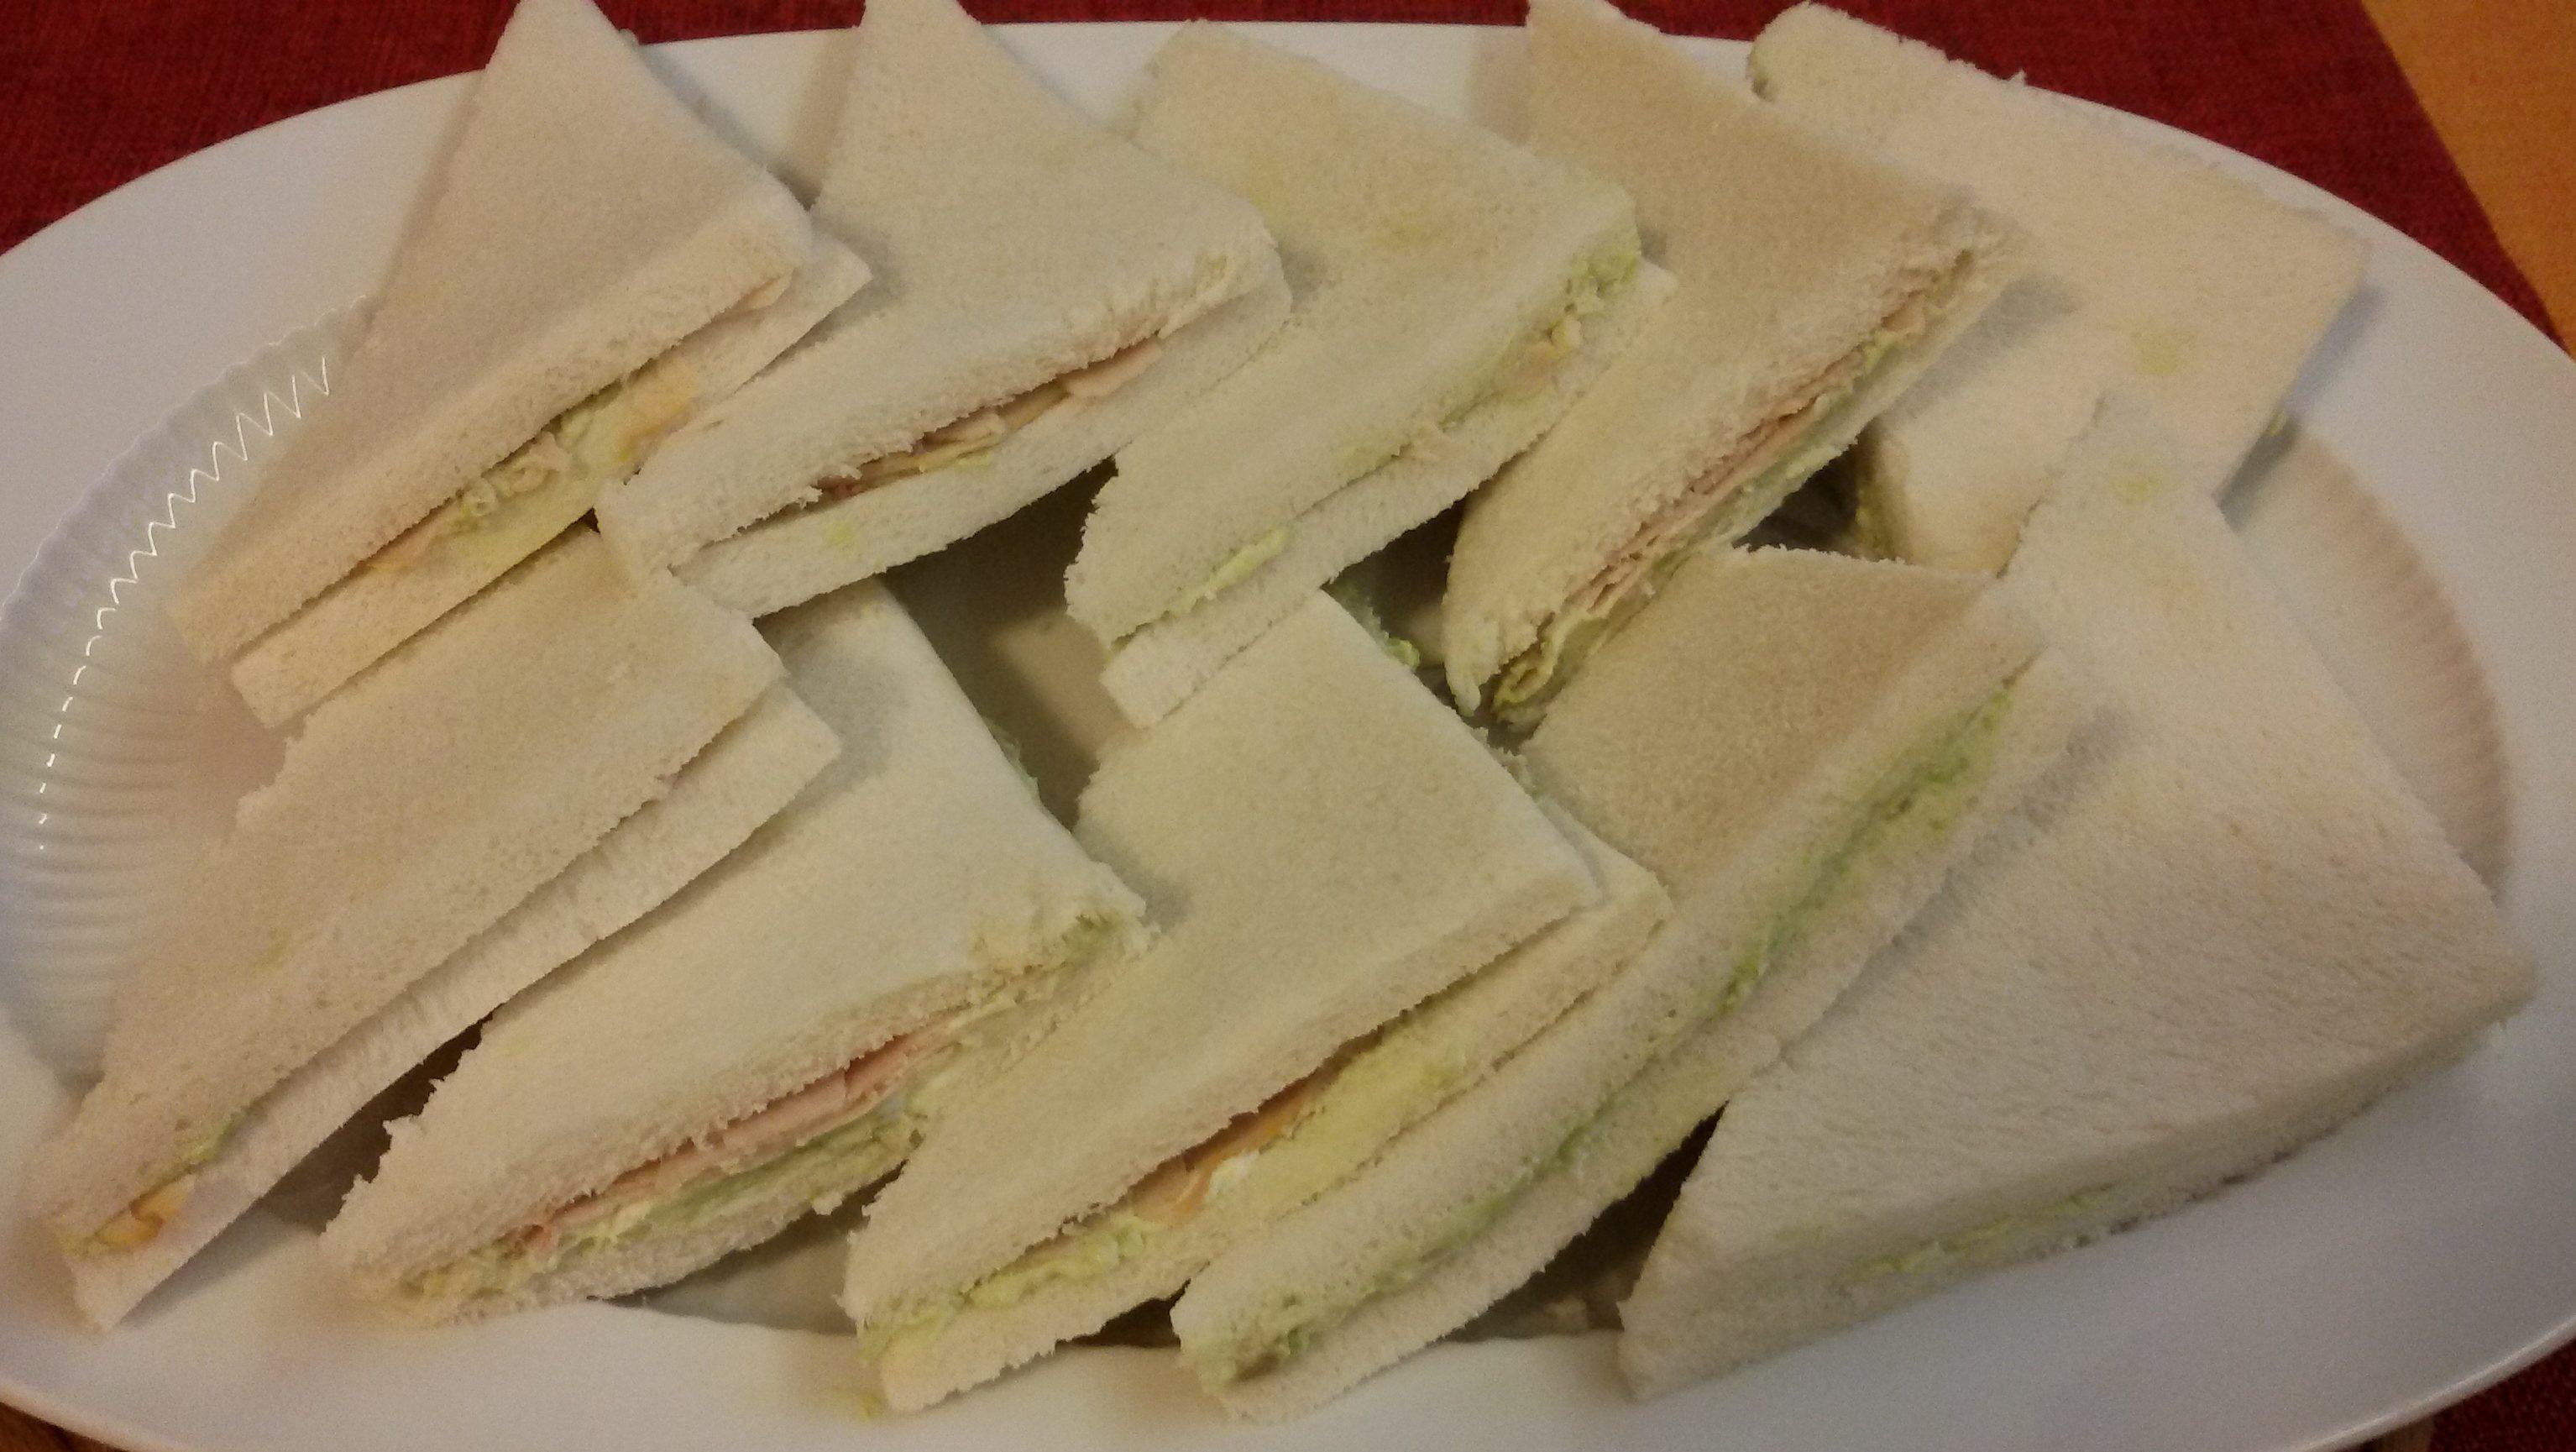 Tramezzini Fesa Di Tacchino E Avocado Semplicemente In Cucina